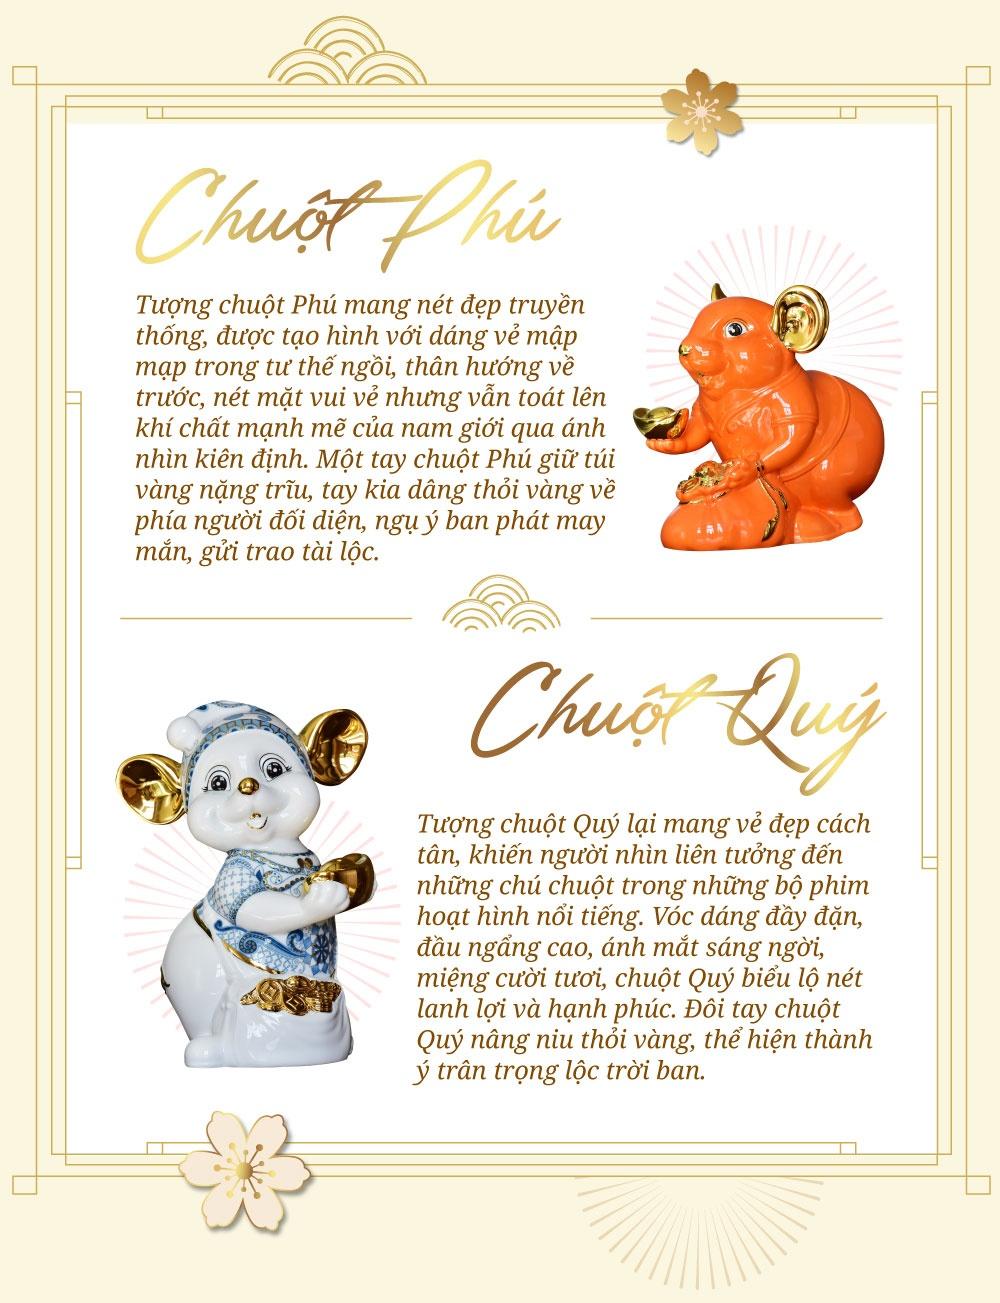 Tuong chuot Phu Quy - linh vat trao tai loc, gui may man hinh anh 2 box_2.jpg